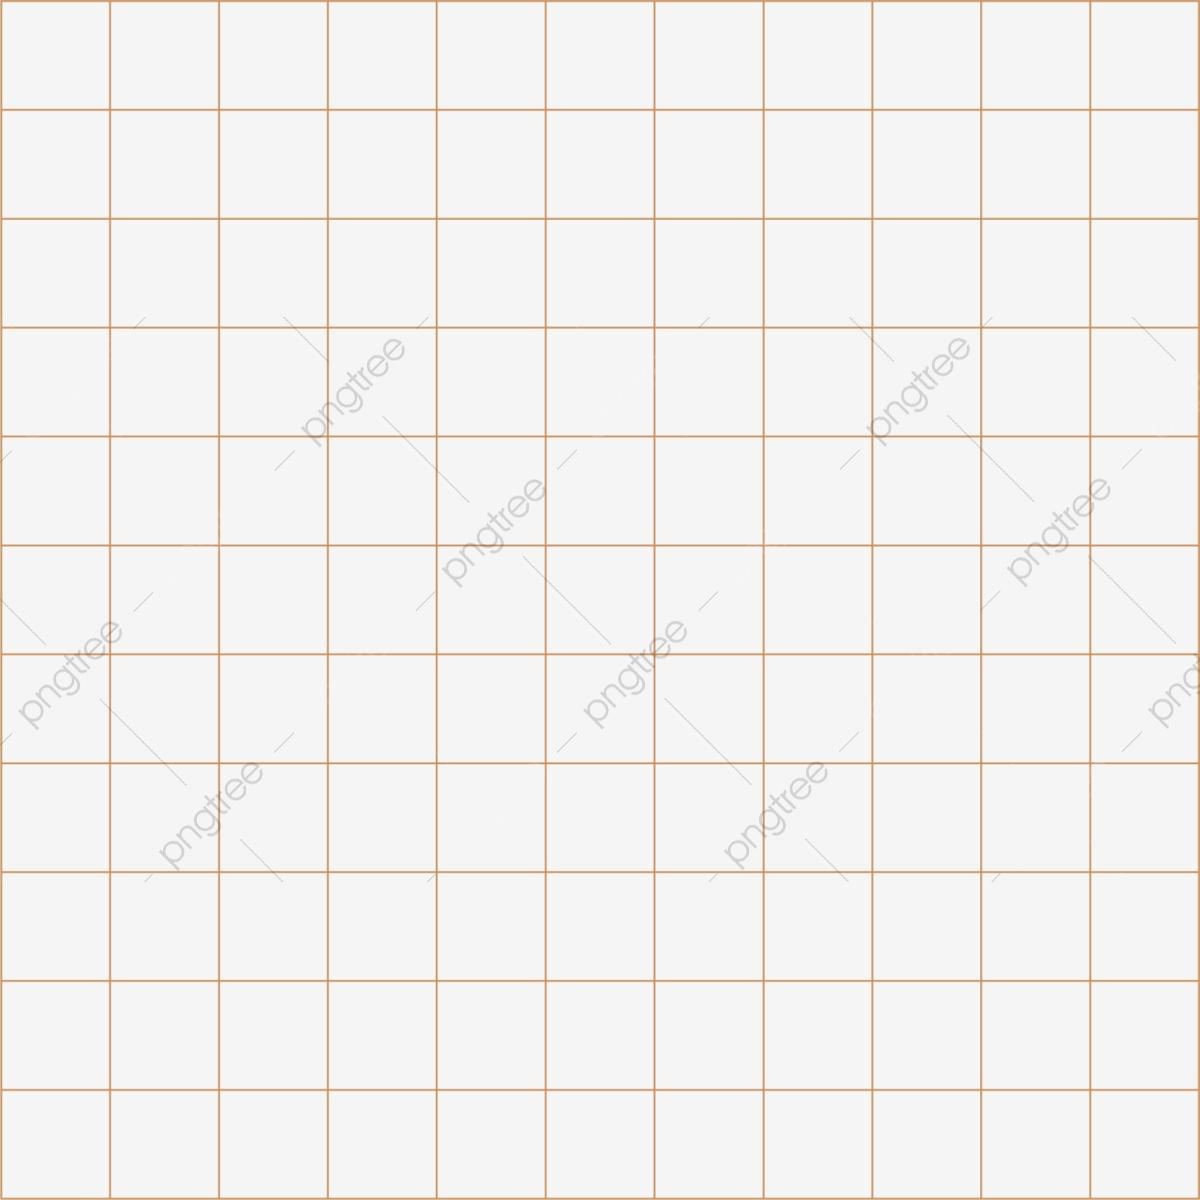 Linha Amarela Quadro Simples Textura De Fronteira Linha De Grade.